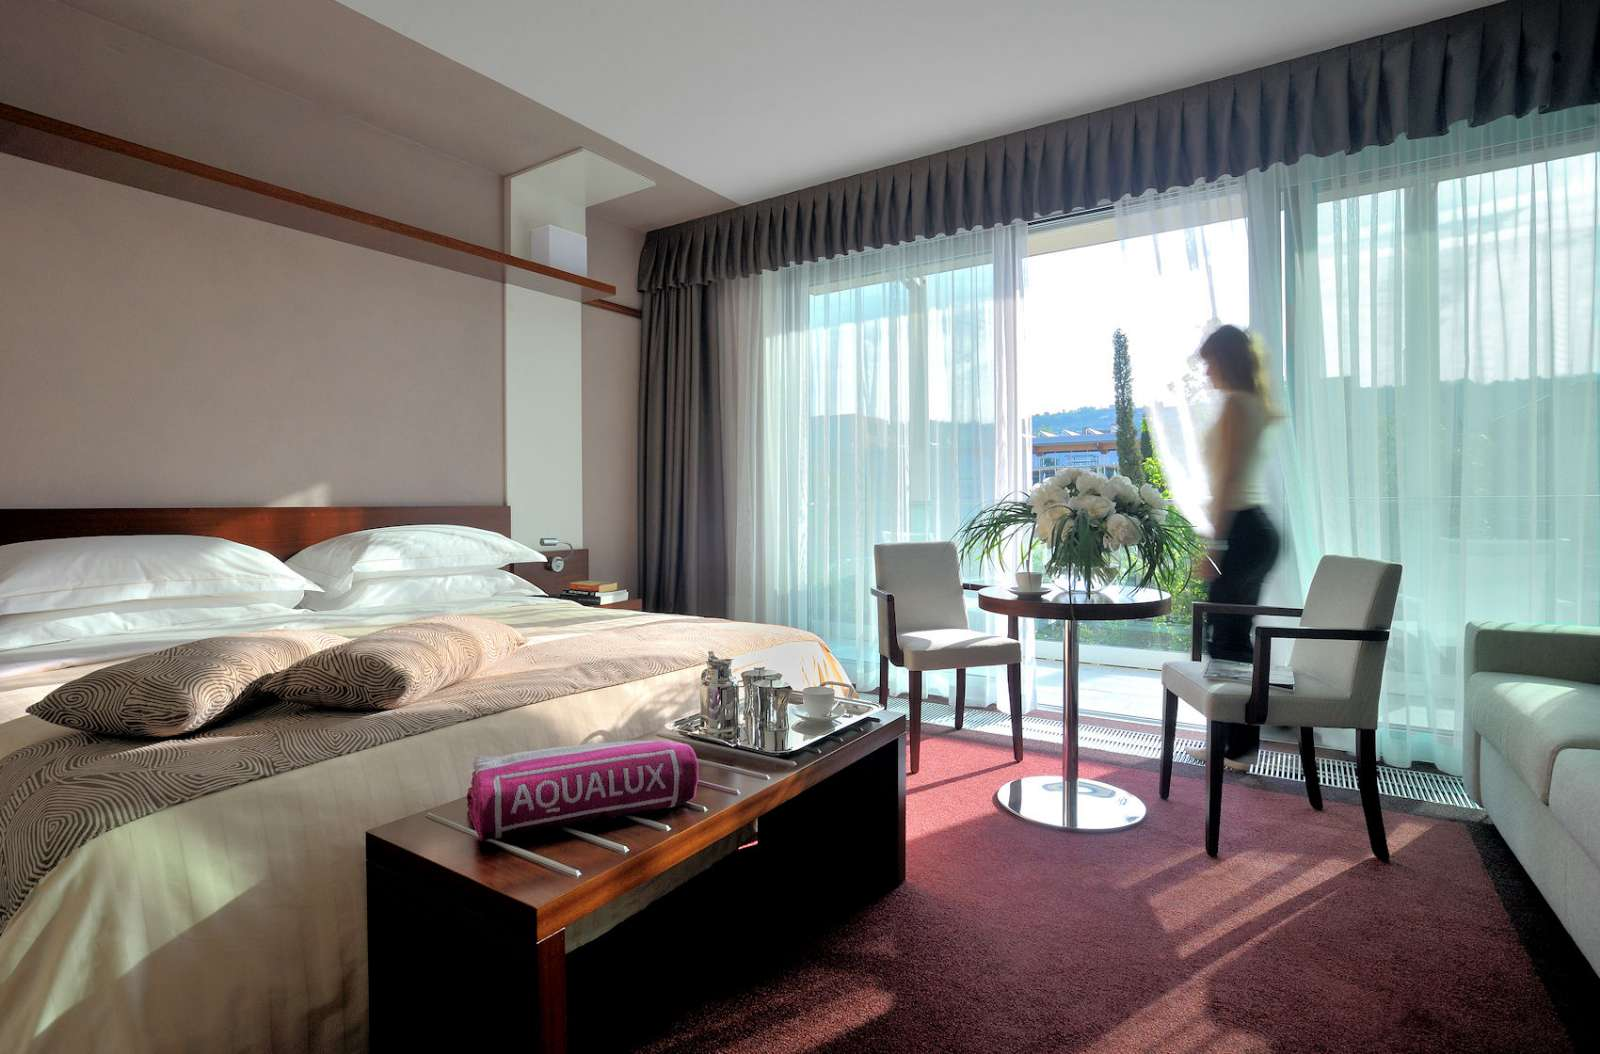 Chambres Comfort et Aqua